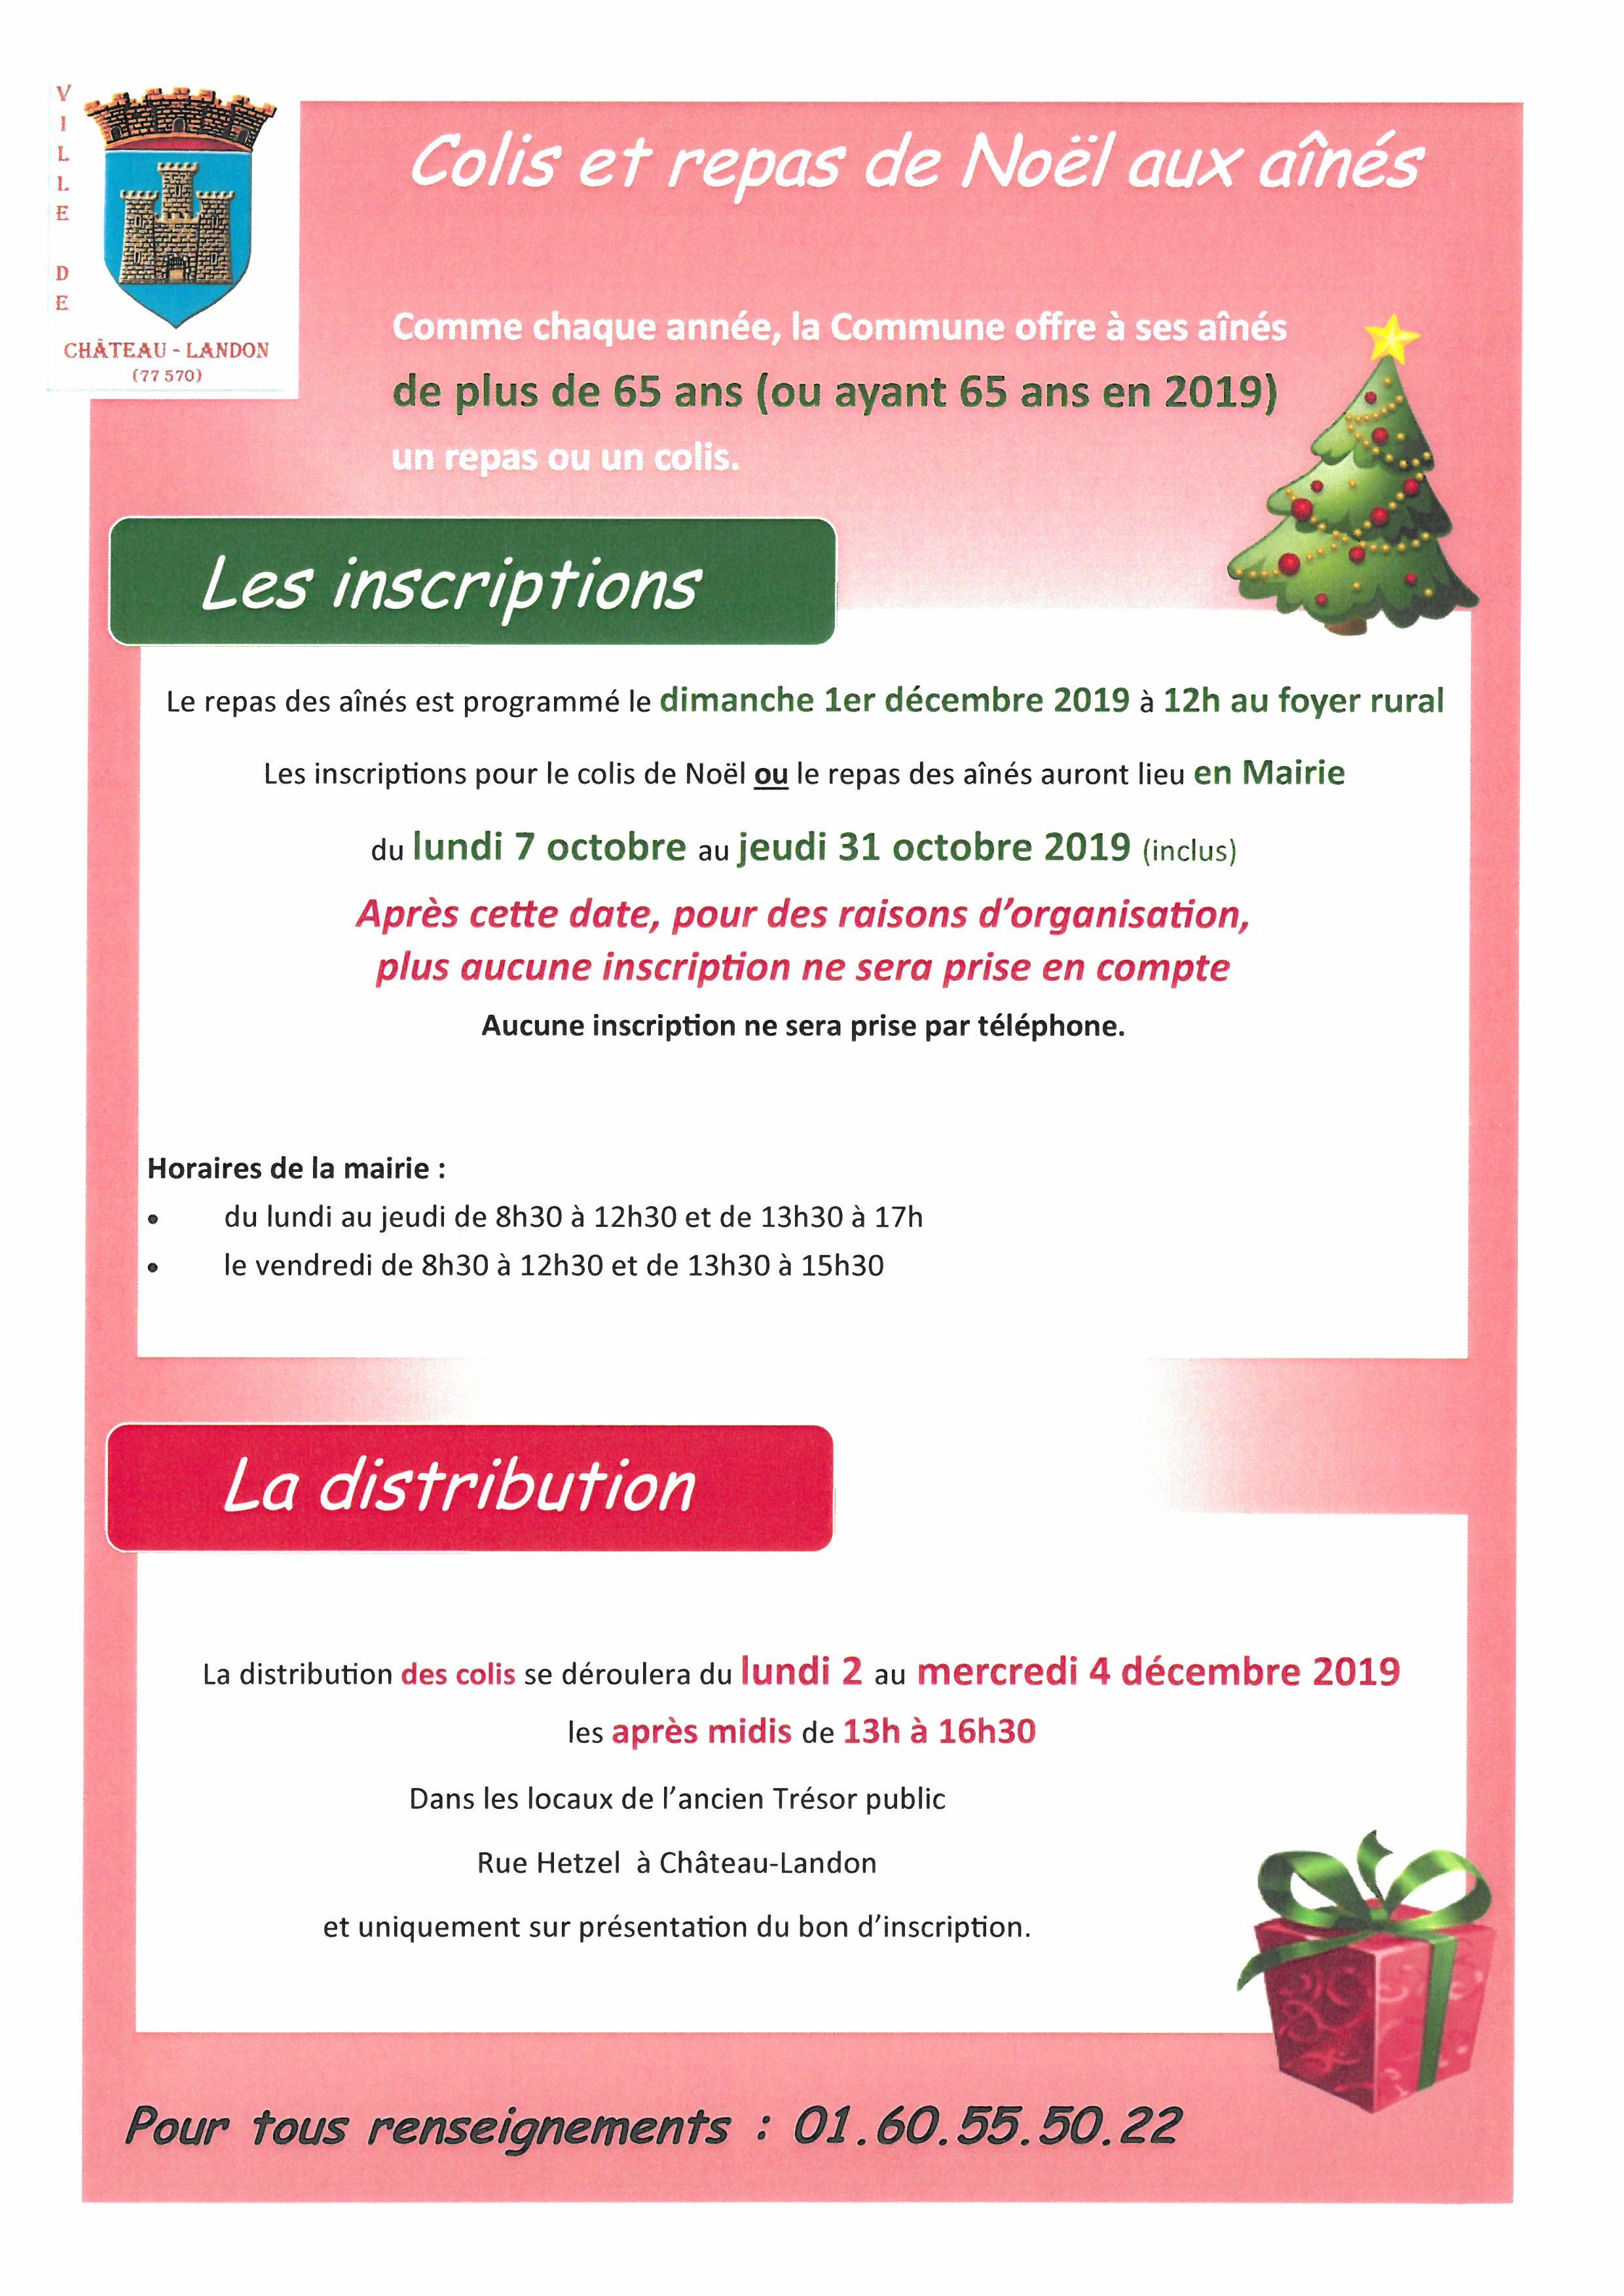 Menu Simple Repas De Noel.Inscriptions Pour Le Colis De Noel Ou Repas Aux Aines